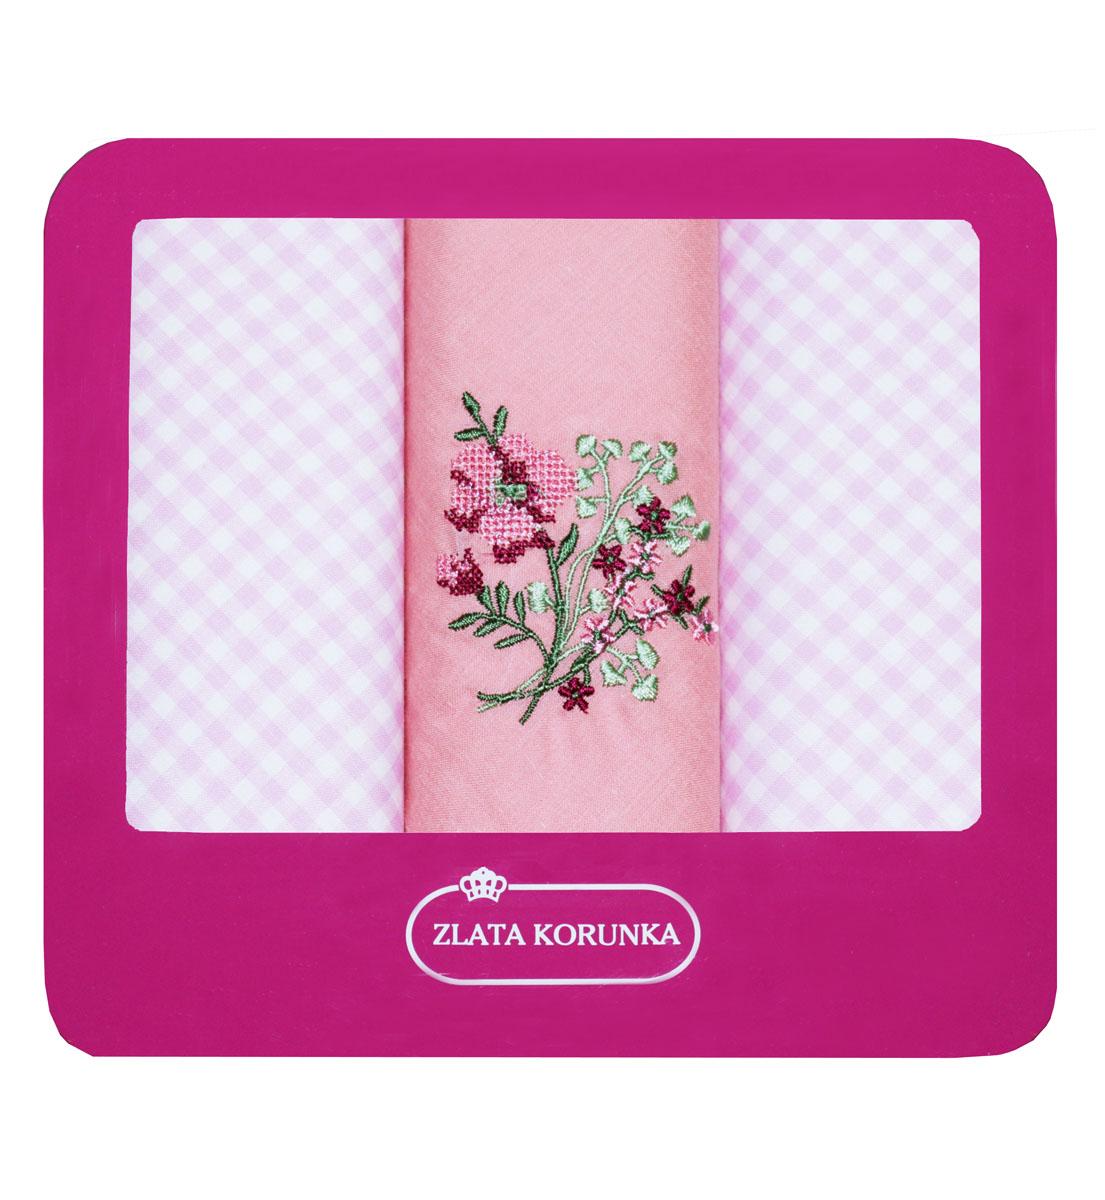 90330-13 Zlata Korunka Носовой платок женский, цвет: мультиколор, 29х29 см, 3 шт90330-13Платки носовые женские в упаковке по 3 шт. Носовые платки изготовлены из 100% хлопка, так как этот материал приятен в использовании, хорошо стирается, не садится, отлично впитывает влагу.